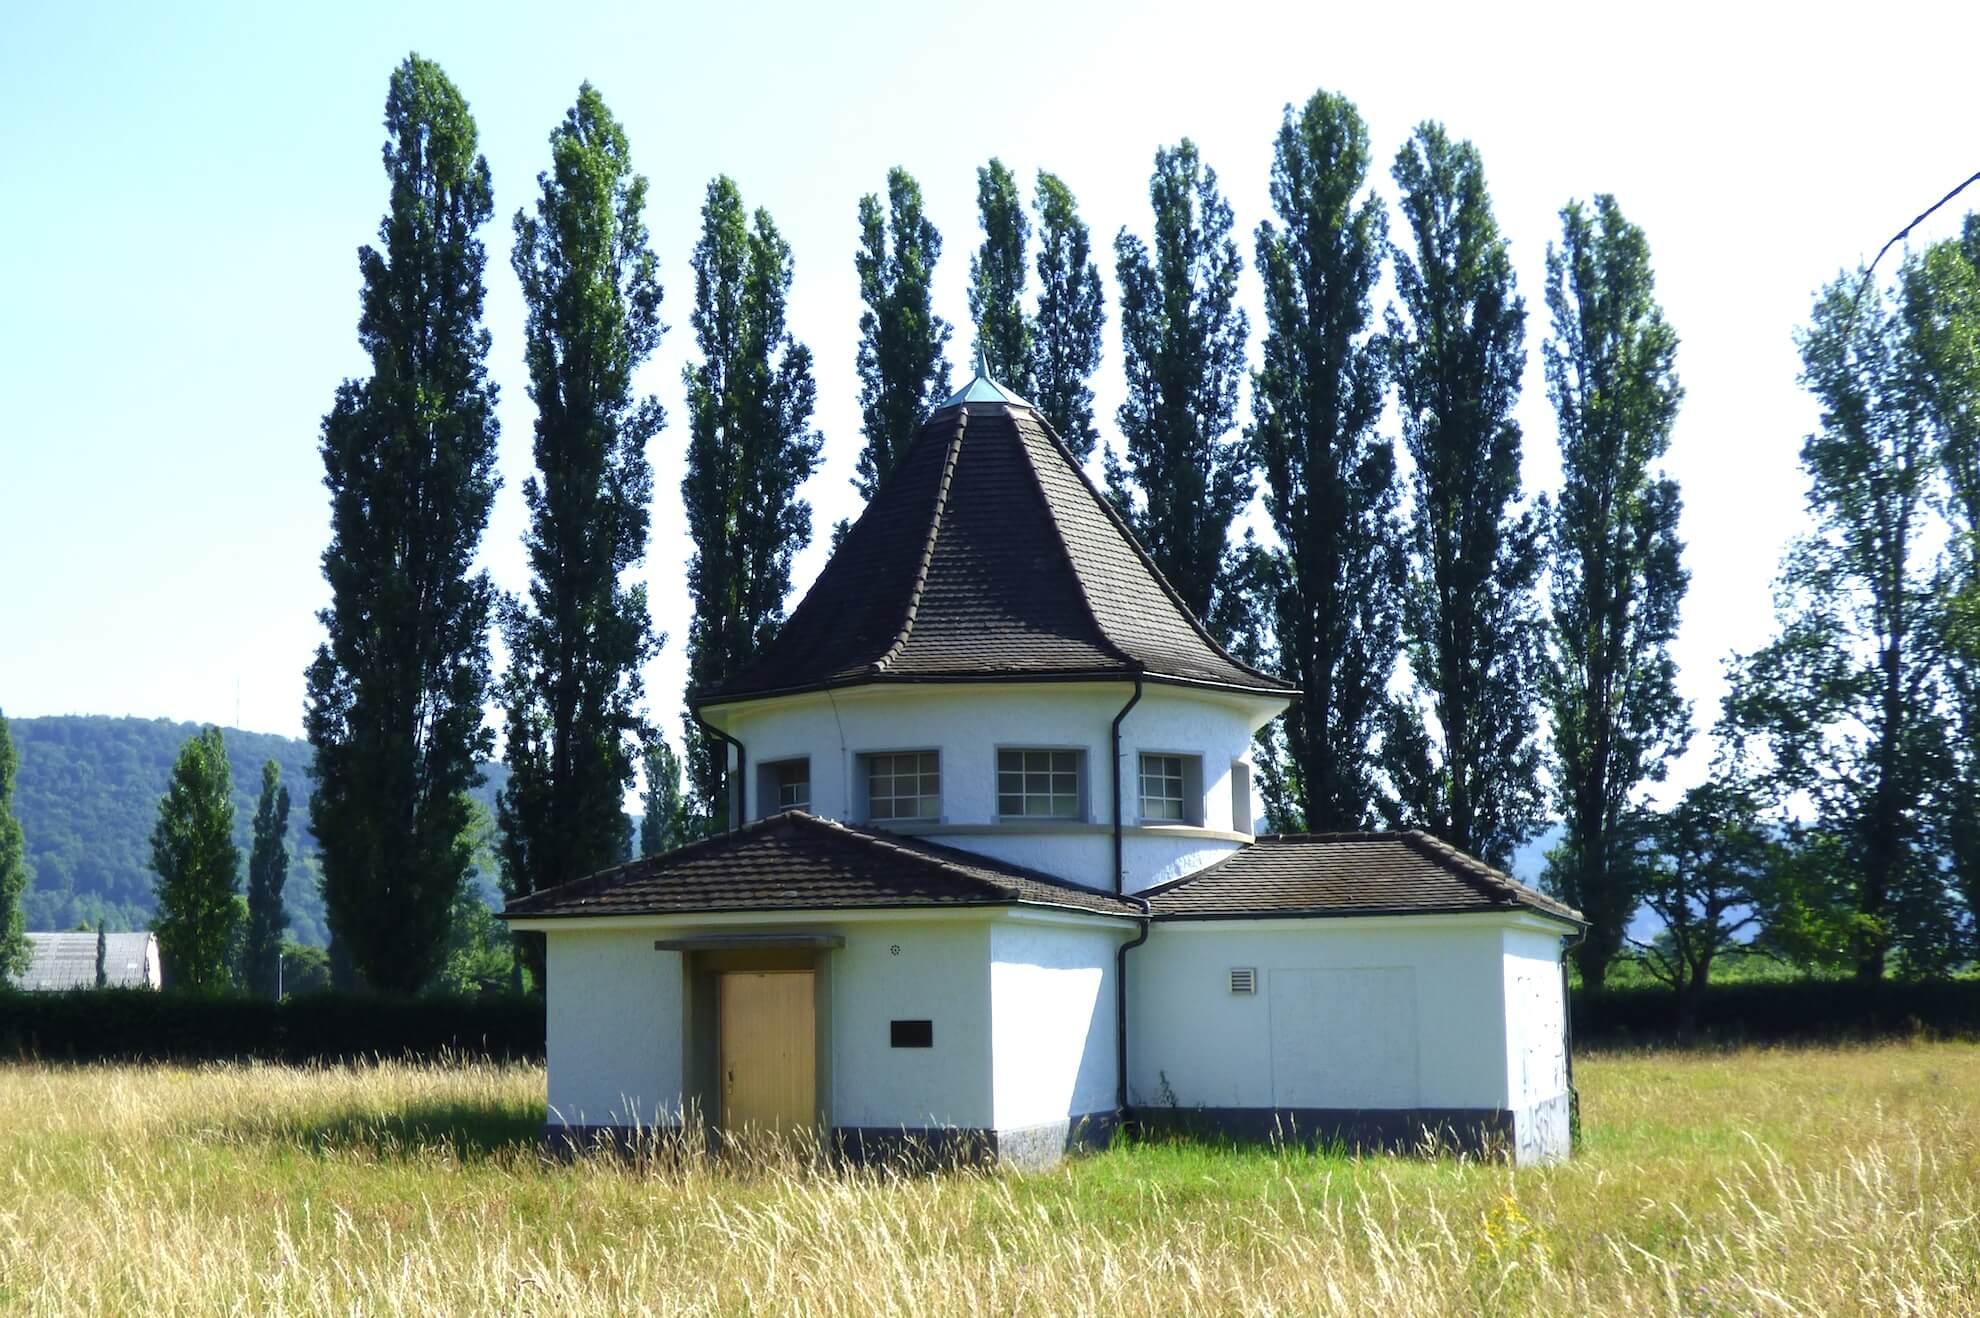 Der Tiefbrunnen 1 – einer von vier Tiefbrunnen in Grenzach-Wyhlen.